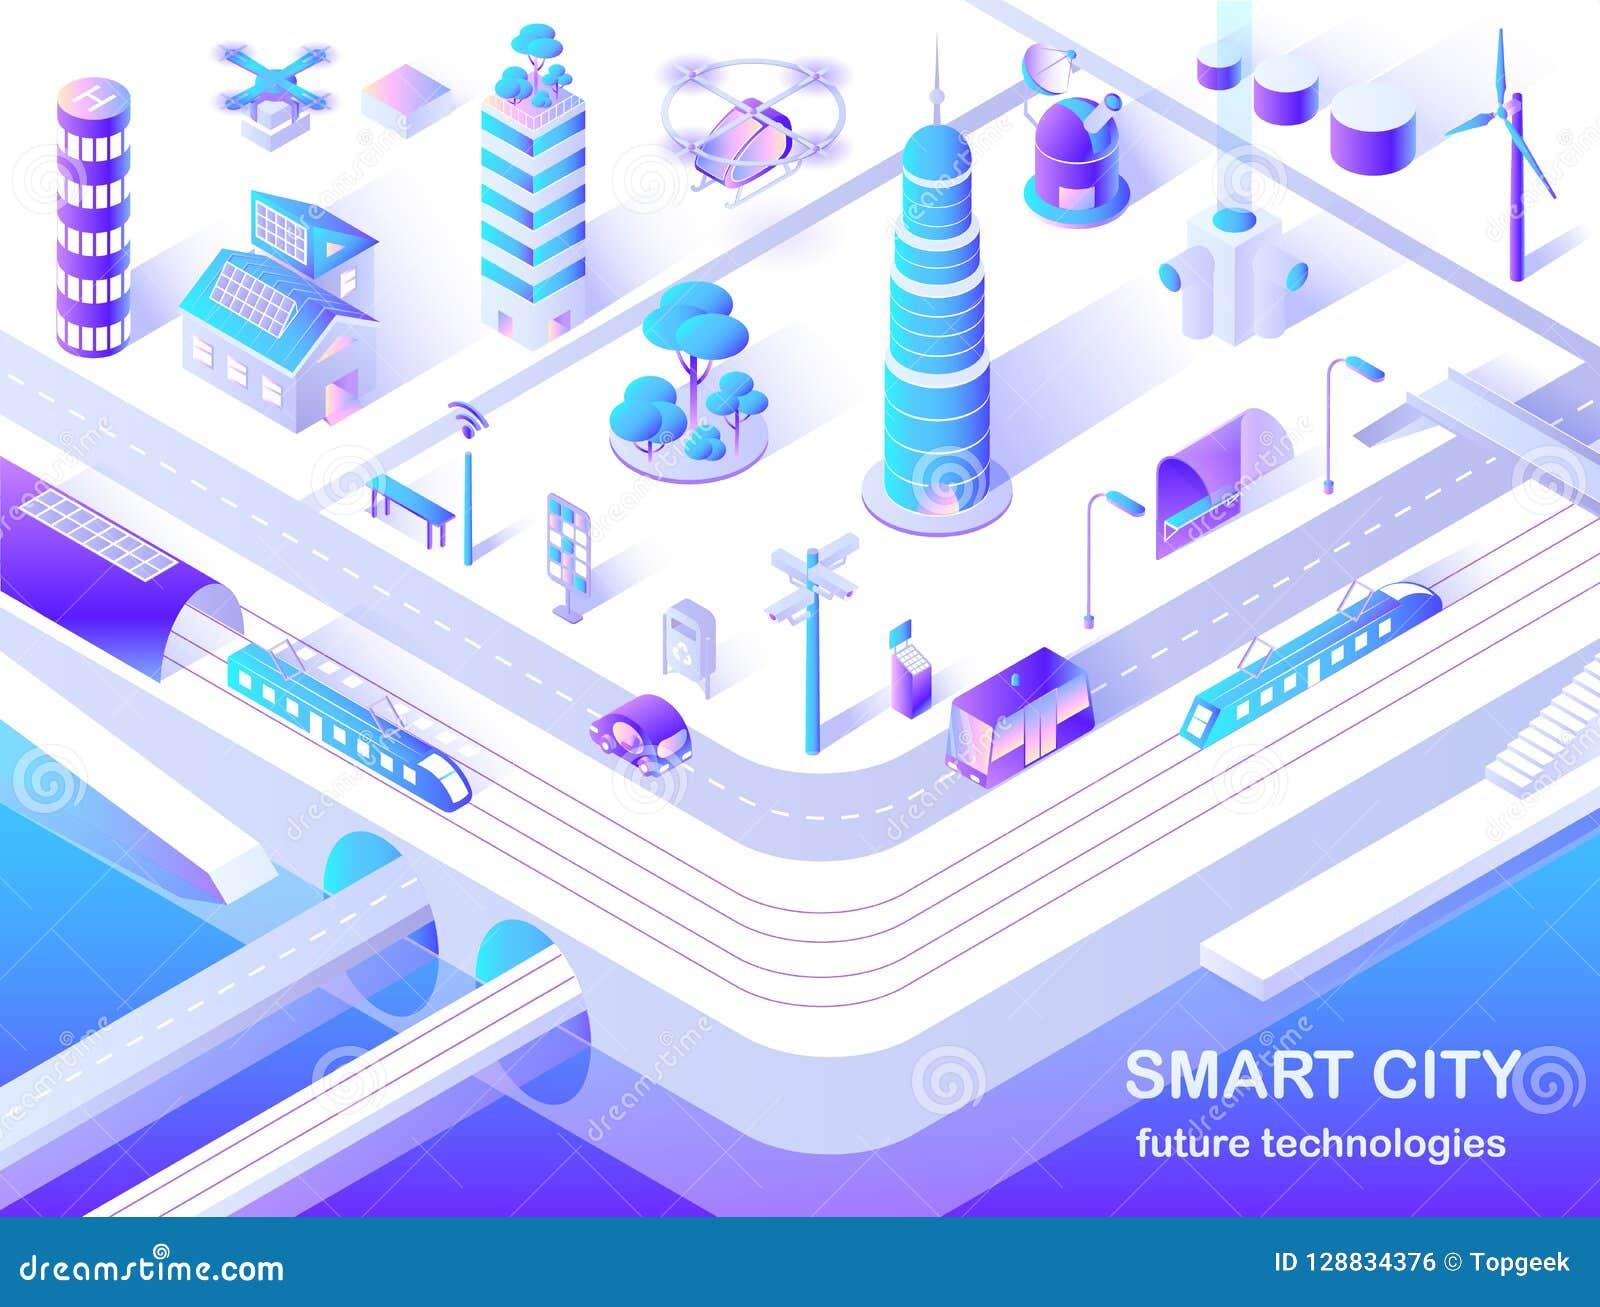 Organigrama isométrico de la tecnología futura elegante de la ciudad